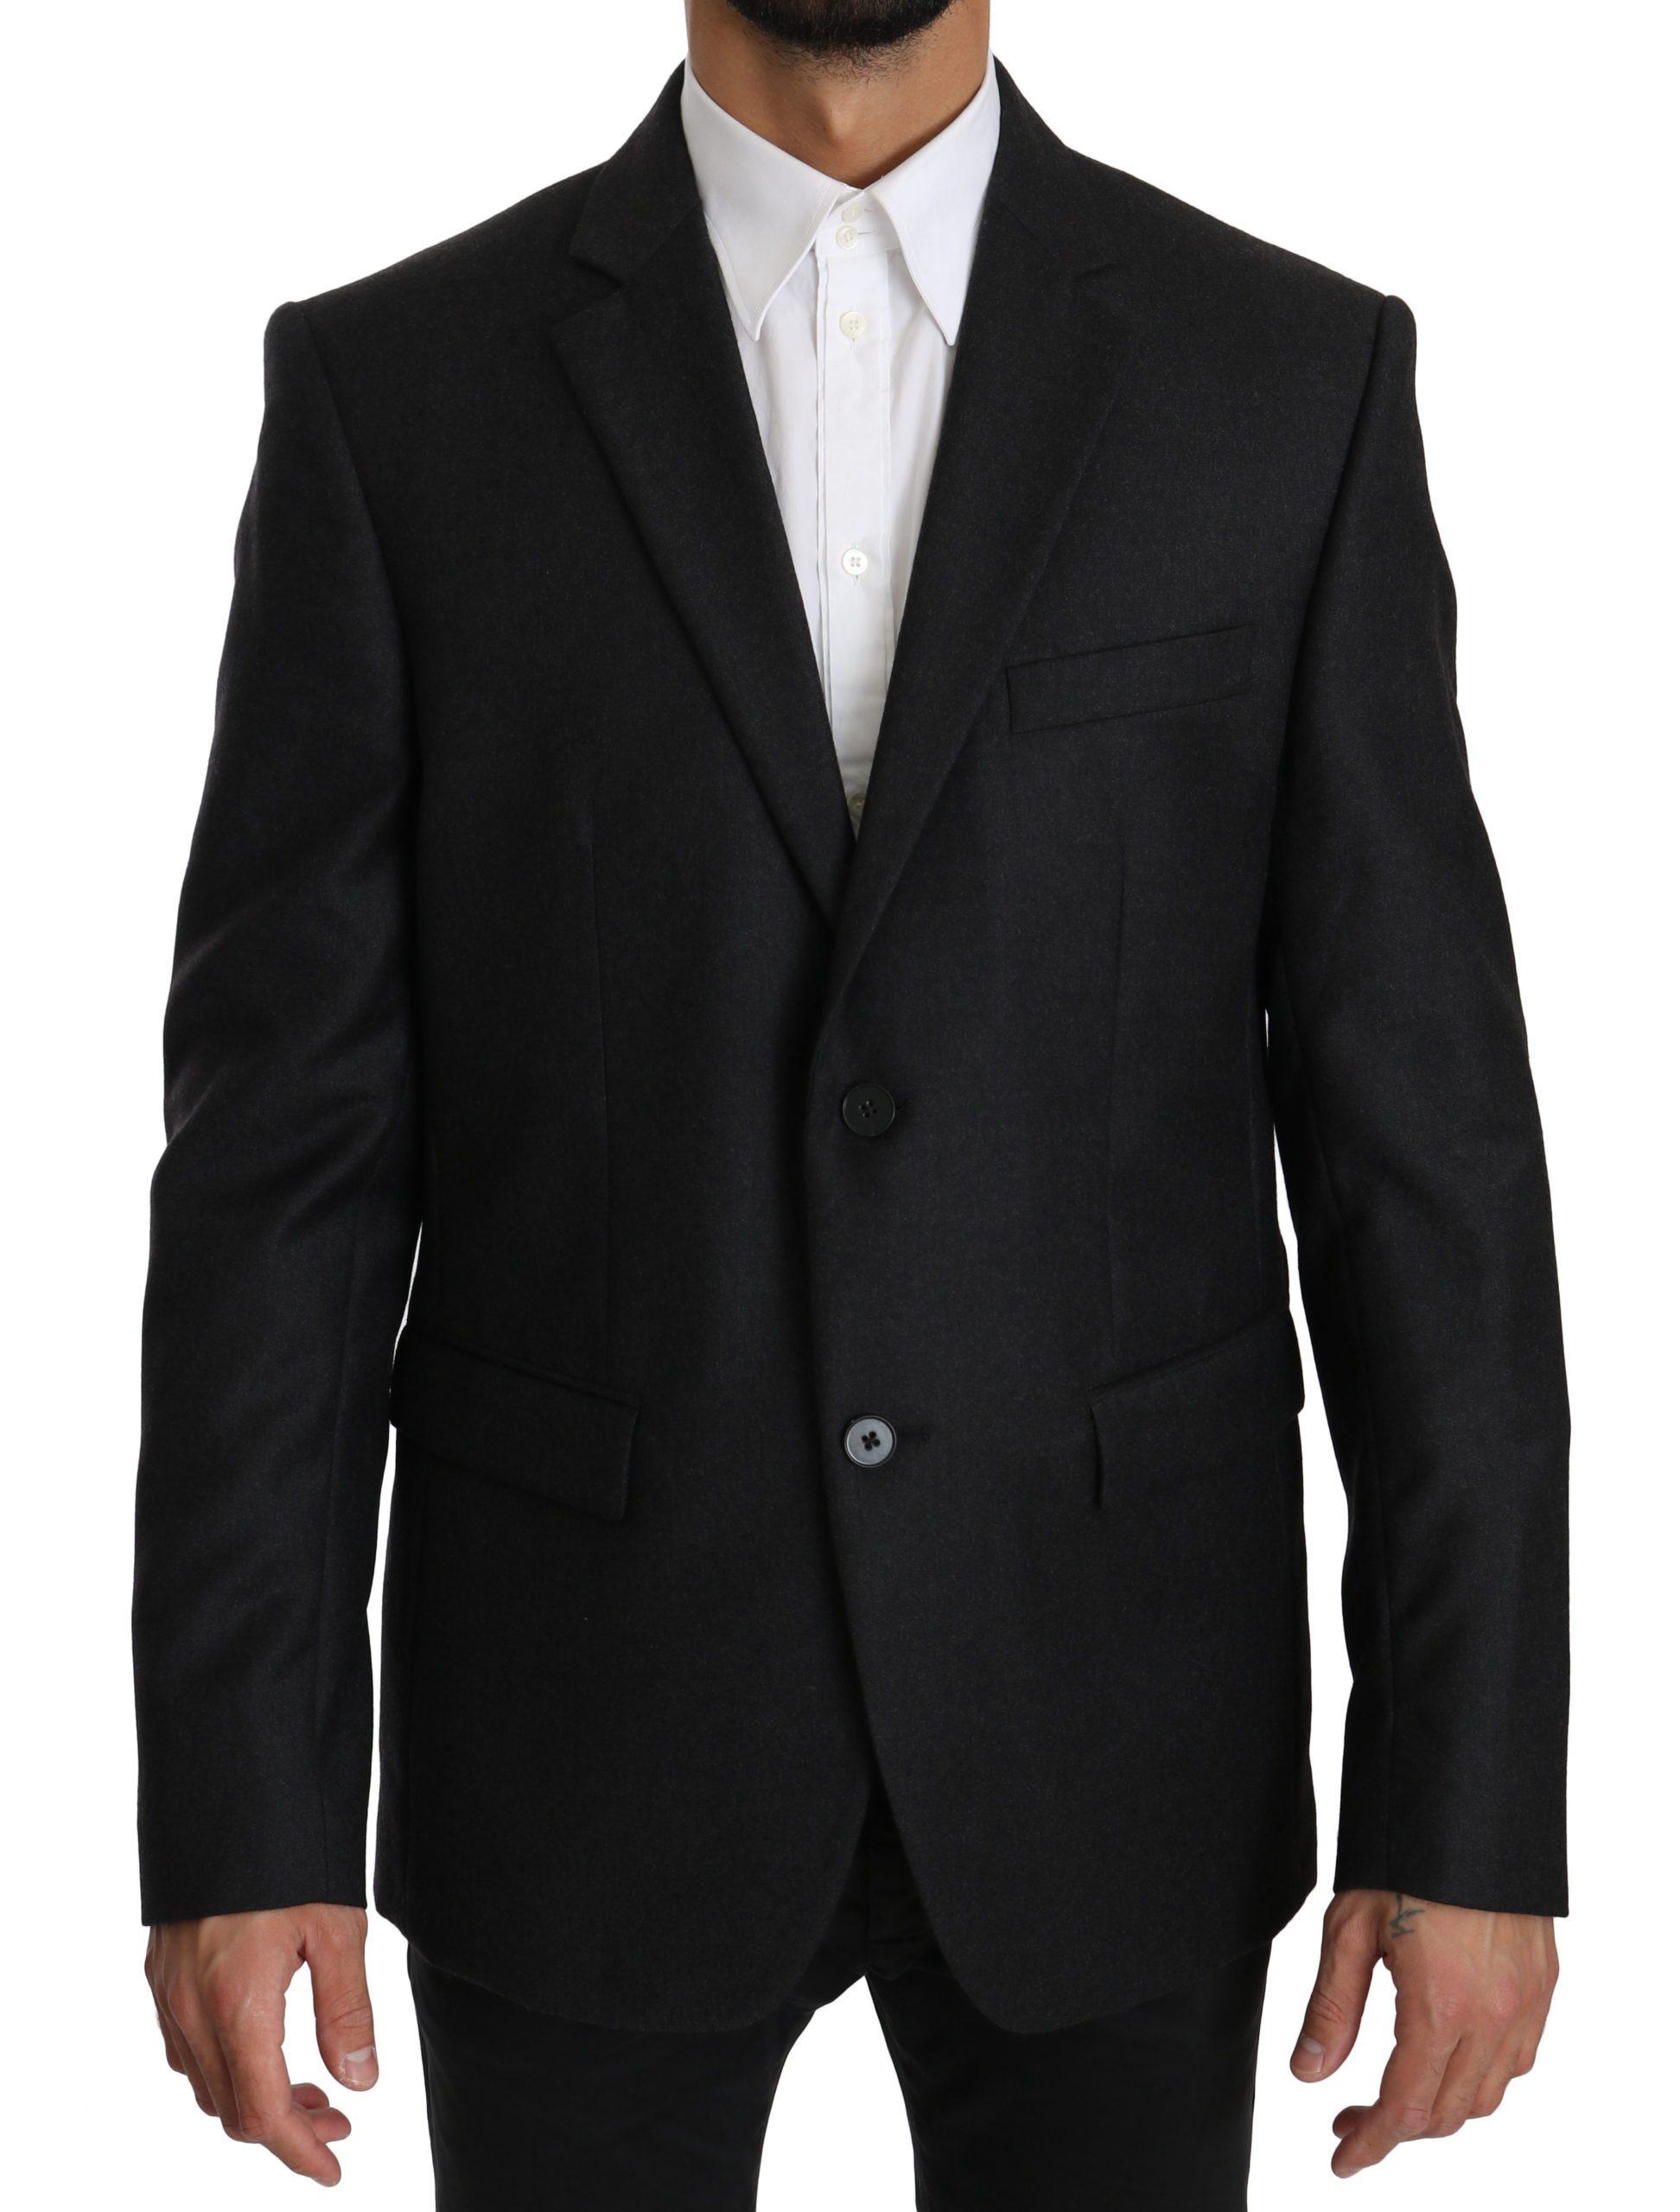 Dolce & Gabbana Men's Wool Slim Fit Two Button Blazer Gray KOS1560 - IT54 | XL